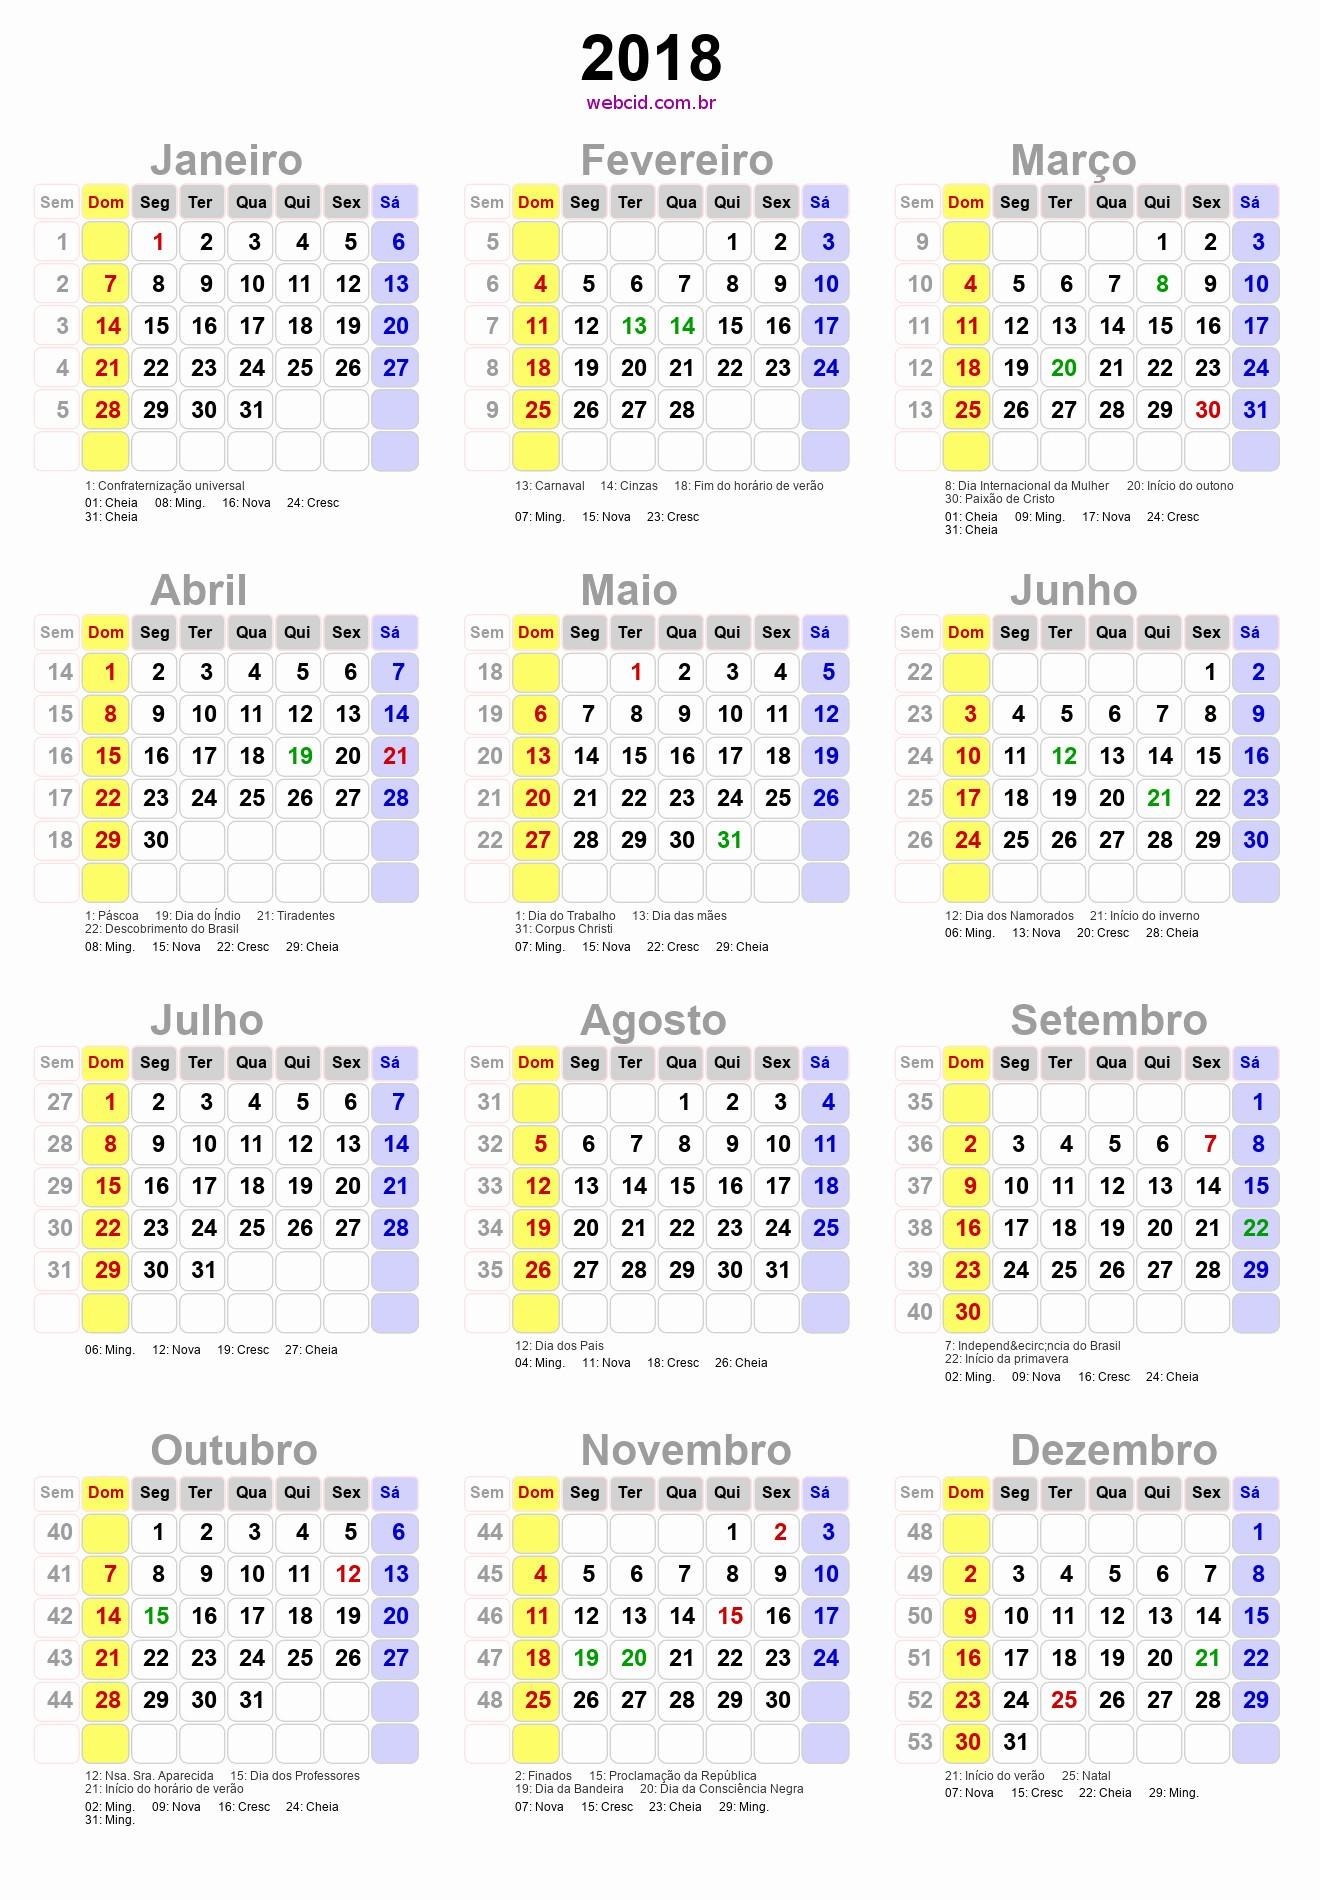 Calendario De Carnavales 2019 En Panama Más Reciente Fresh 44 Ejemplos Calendario De Las 13 Lunas 2019 Of Calendario De Carnavales 2019 En Panama Más Caliente Diario El Espacio by Diario El Espacio issuu